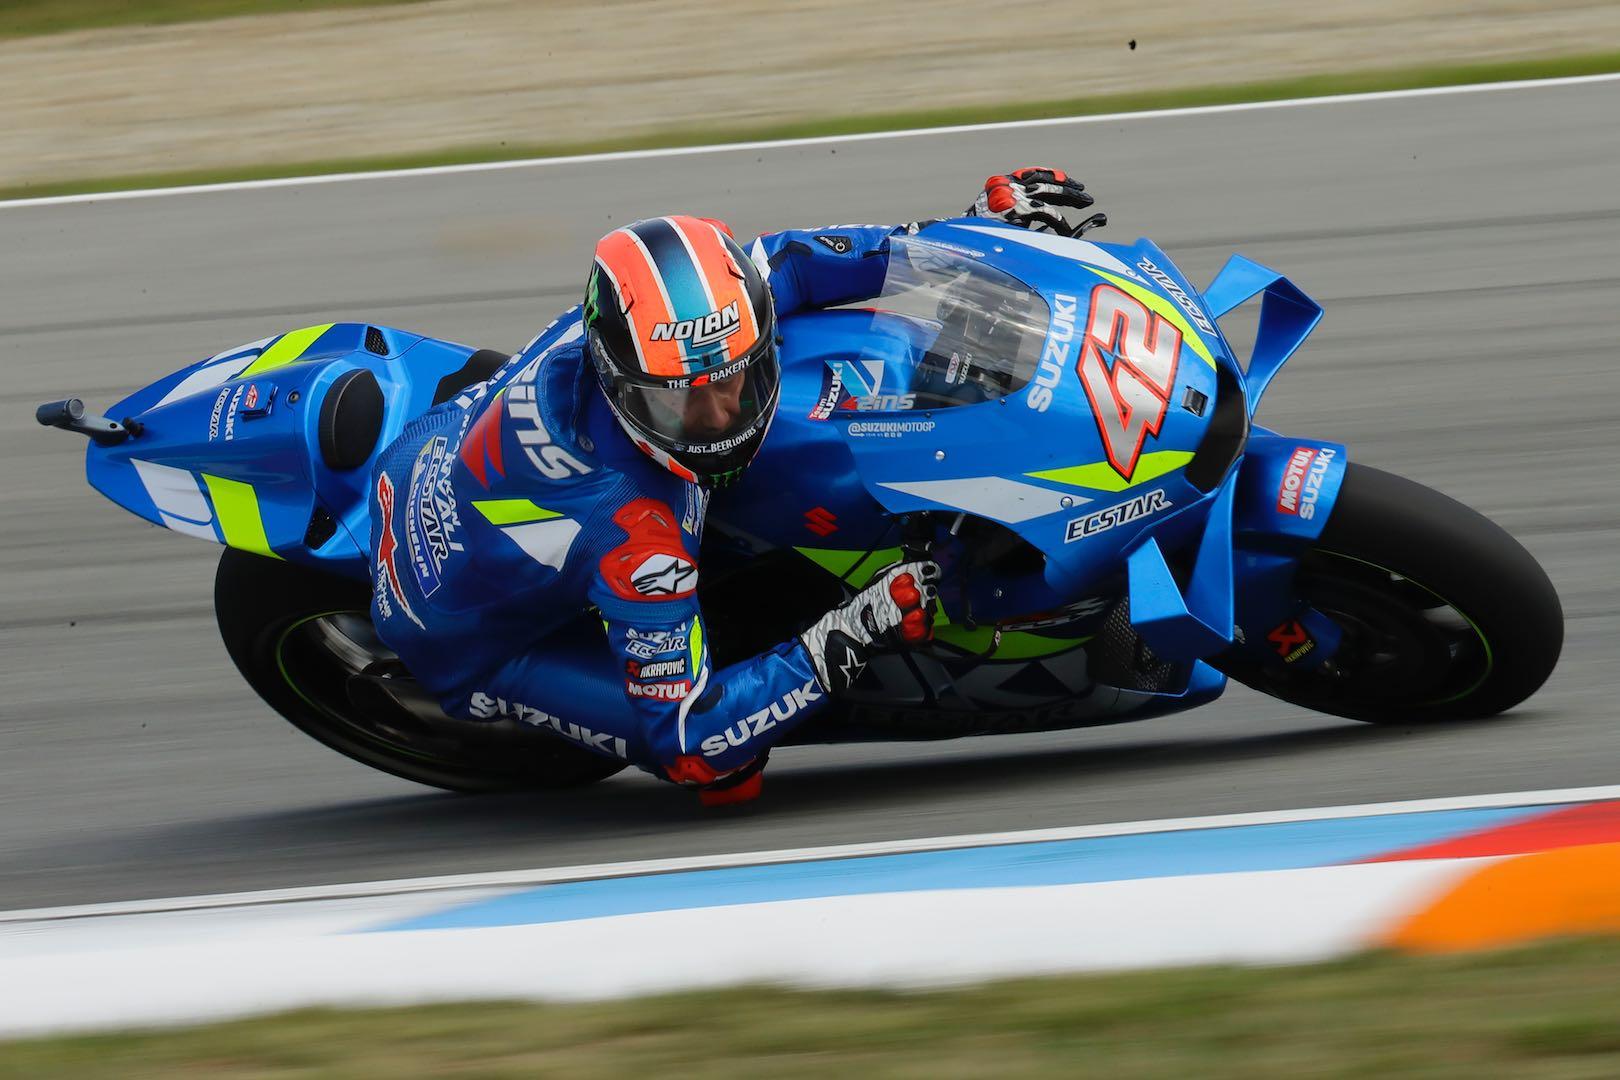 Alex Rins Suzuki MotoGP Brno 2019